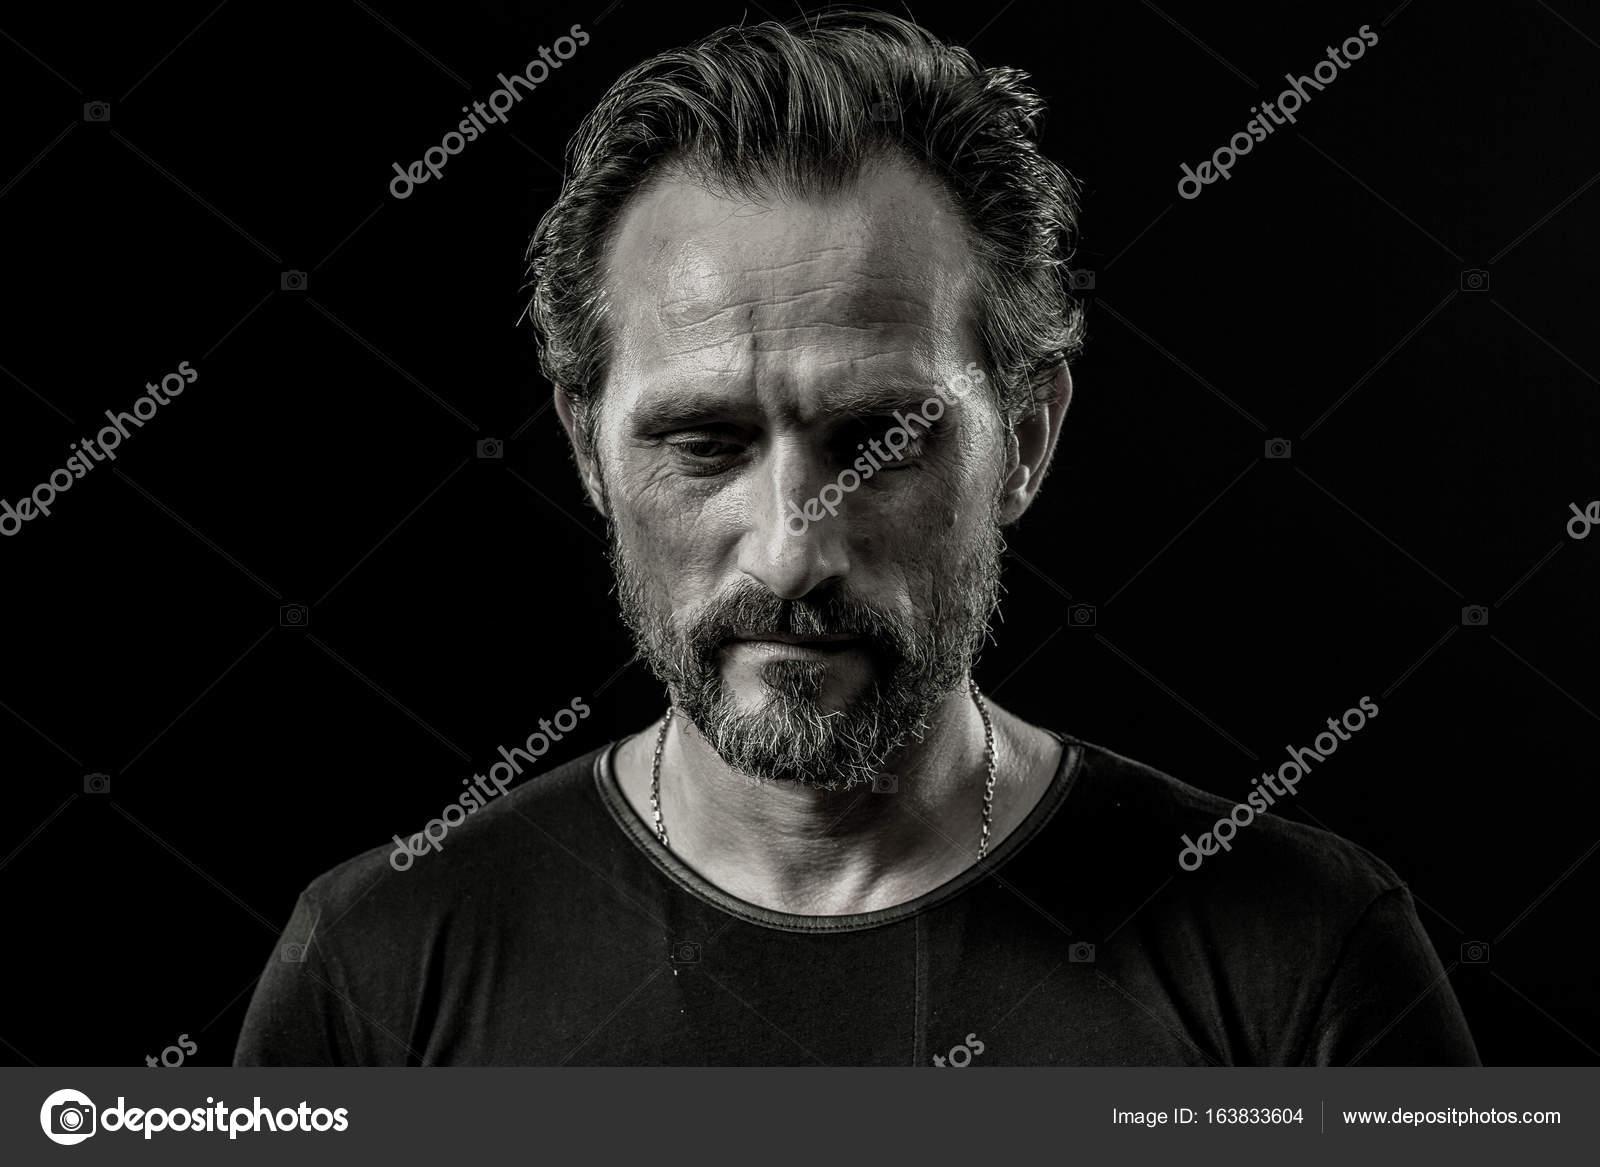 Noir Et Blanc Bouchent Le Portrait Dun Homme Sévère Avec L